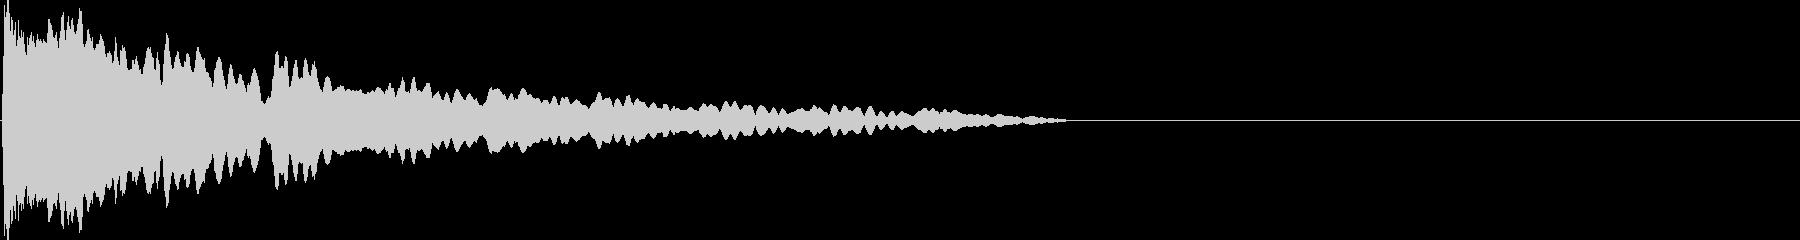 ぽよよよん(アニメ的な効果音)の未再生の波形